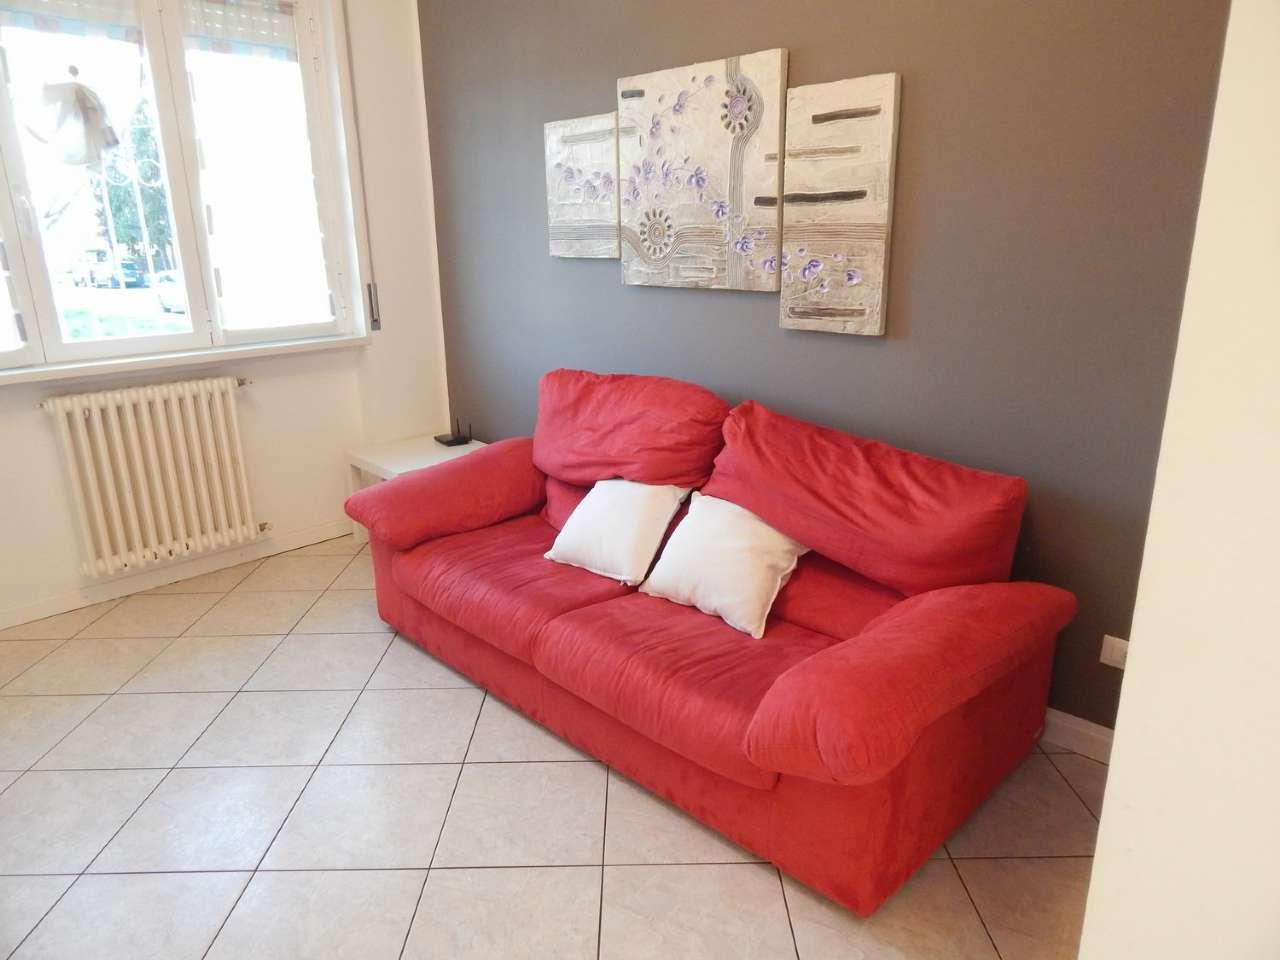 Appartamento in vendita a Treviglio, 3 locali, prezzo € 125.000 | CambioCasa.it